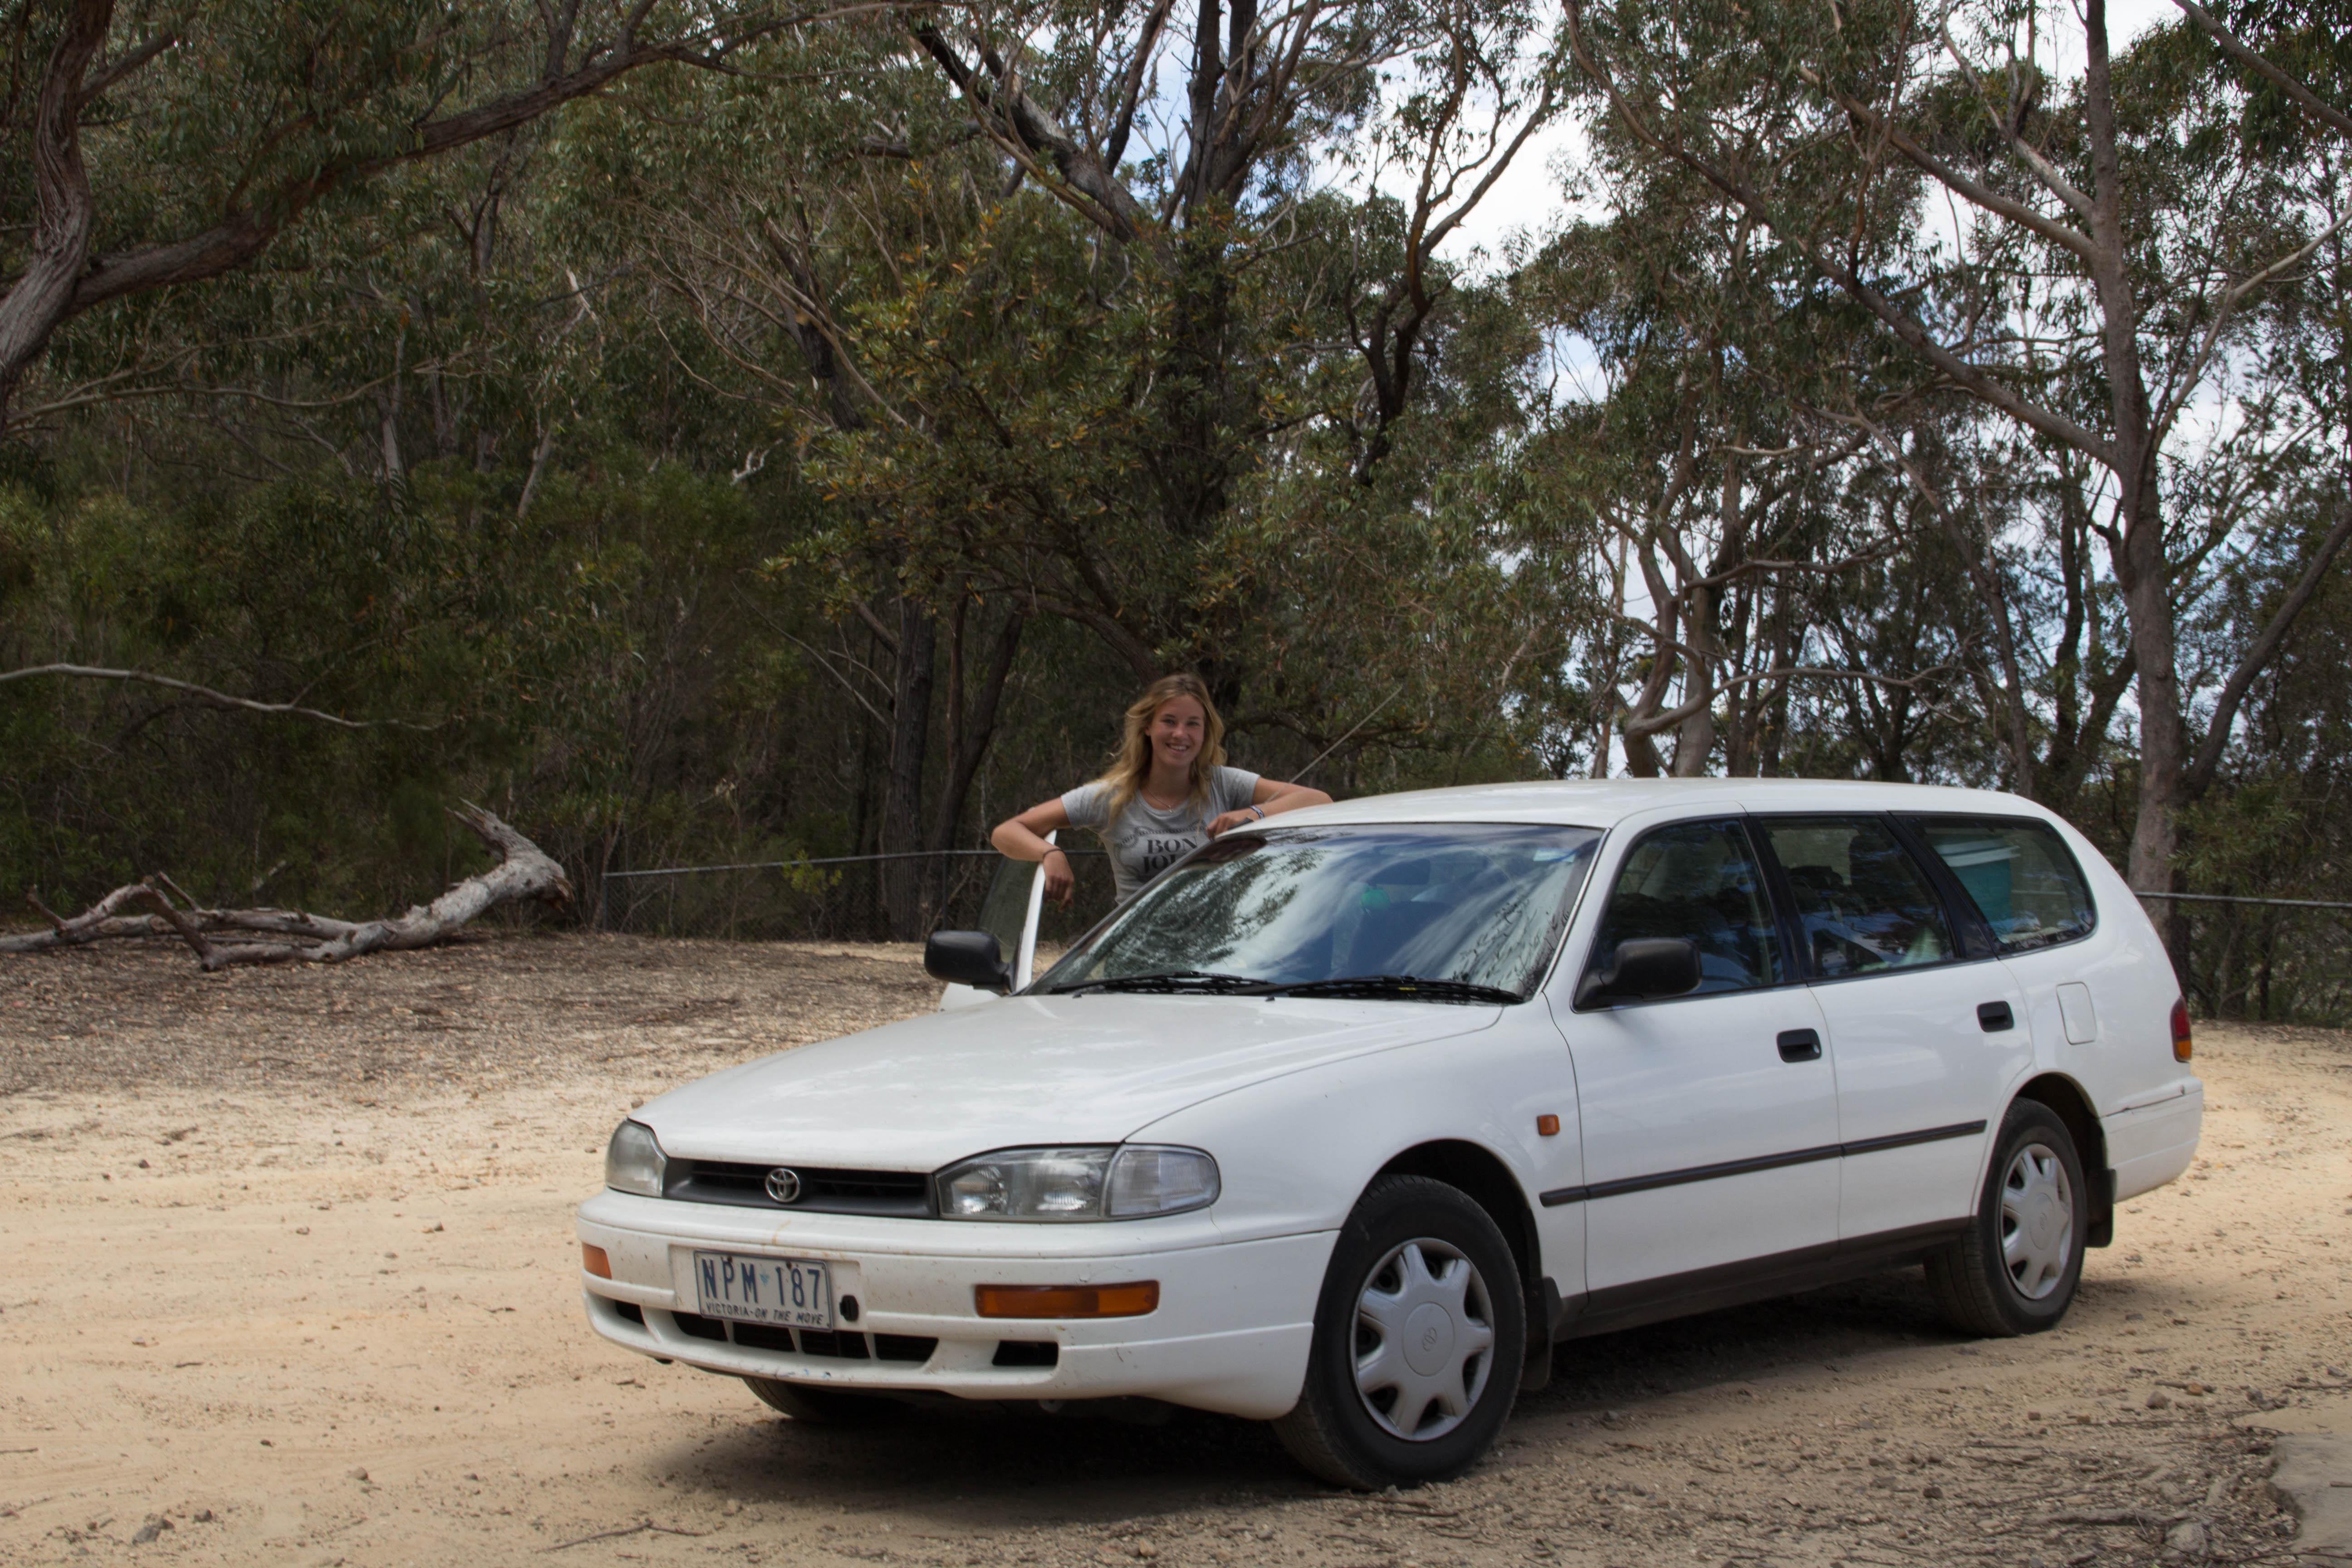 Britta med sin vita Toyota hon har döpt till Bilis. Foto: Patrik Enlund